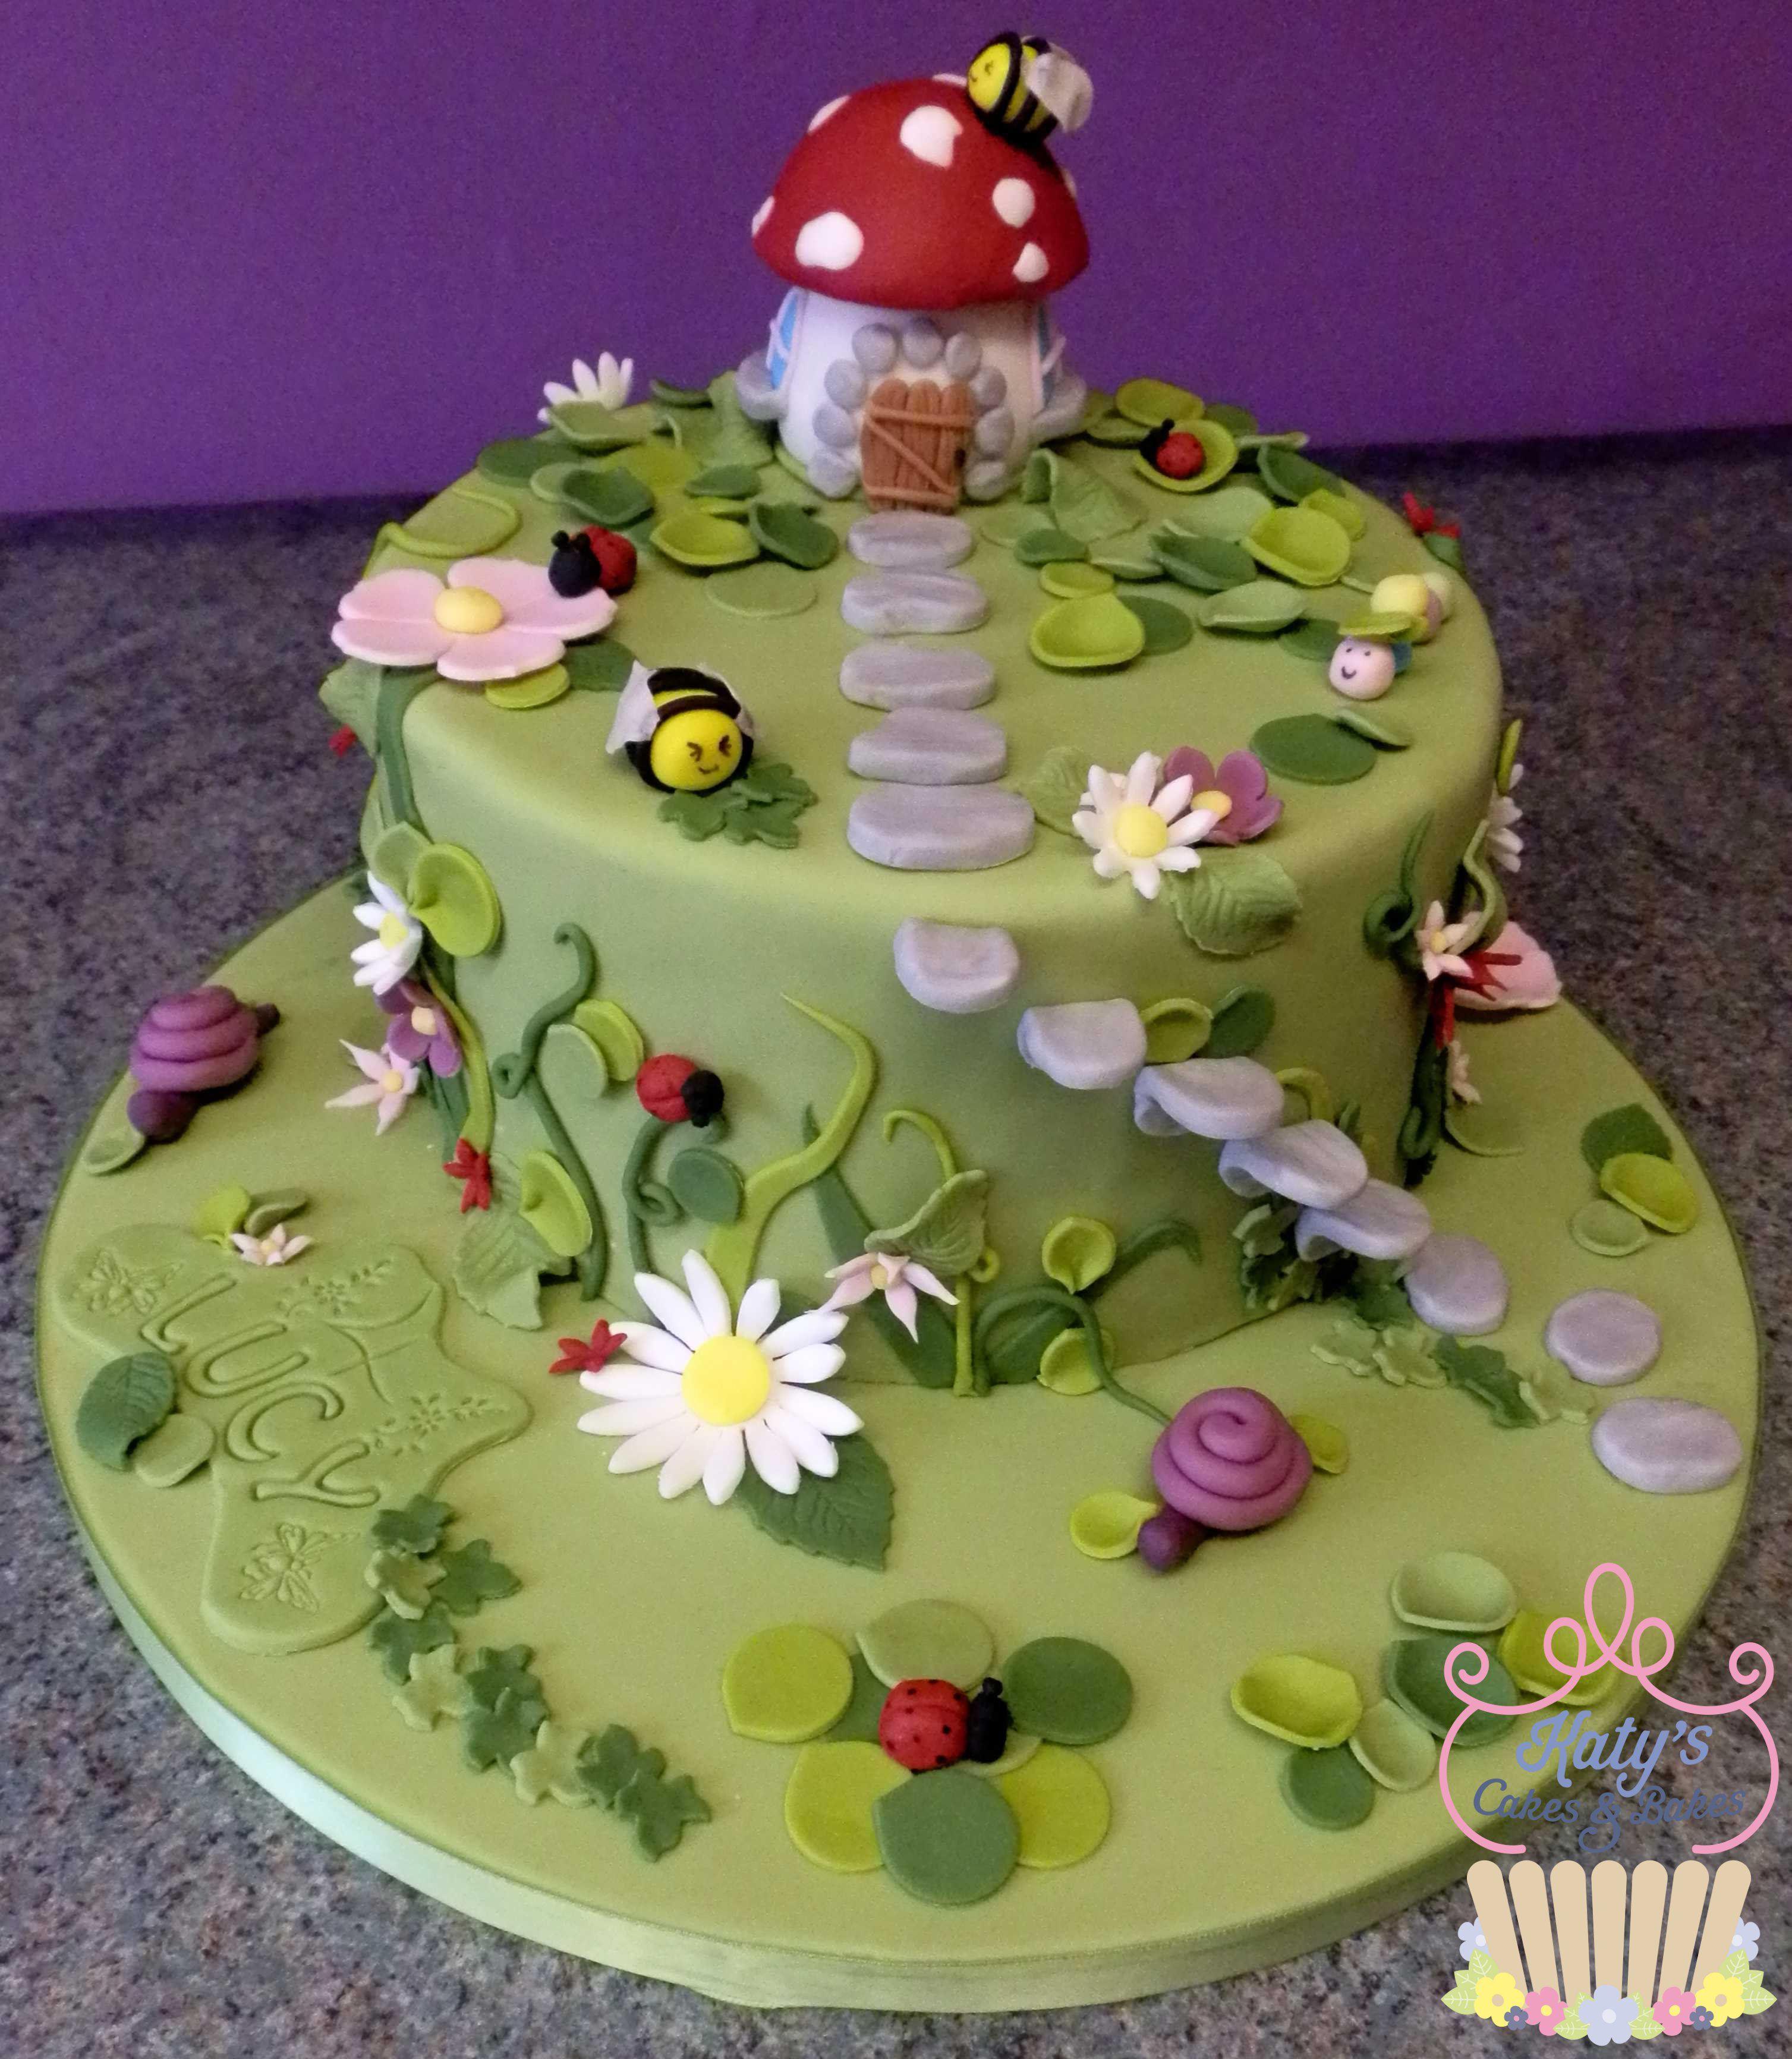 Fairy Garden Cake | Pasteles | Pinterest | Fairy garden cake, Garden ...